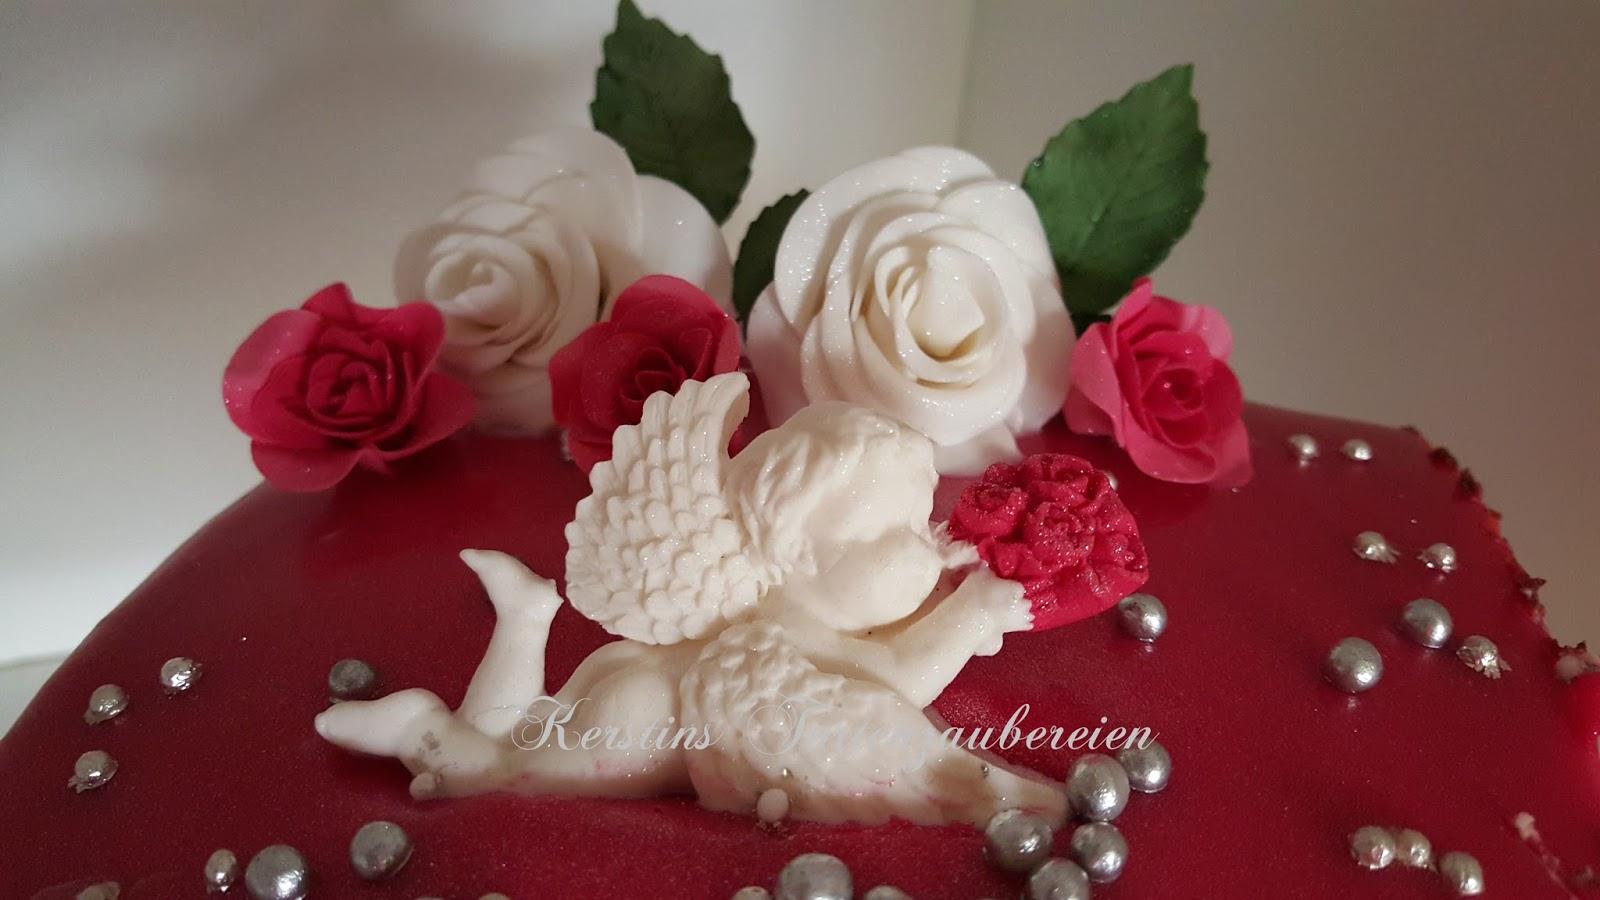 Heute Wünsche Ich Euch Erst Einmal Einen Schönen Valentinstag Und Möchte  Euch Die Torte Für Meinen Mann Zeigen.